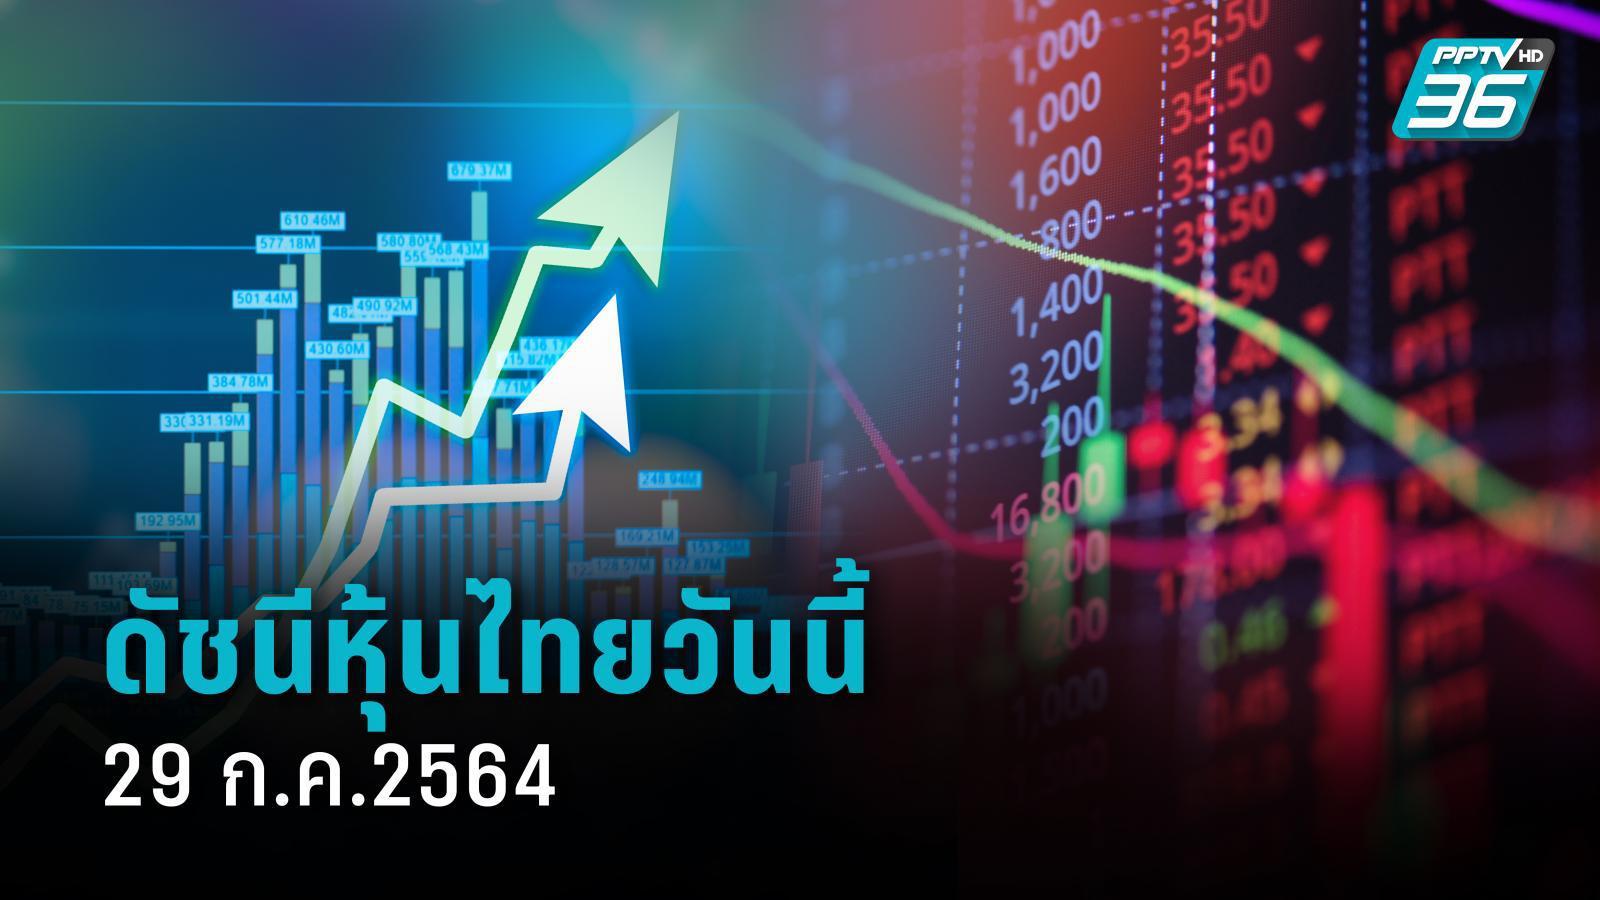 หุ้นไทย (29 ก.ค.64) ปิดซื้อขาย ที่ระดับ 1,537.78จุด เพิ่มขึ้น +0.15 จุด